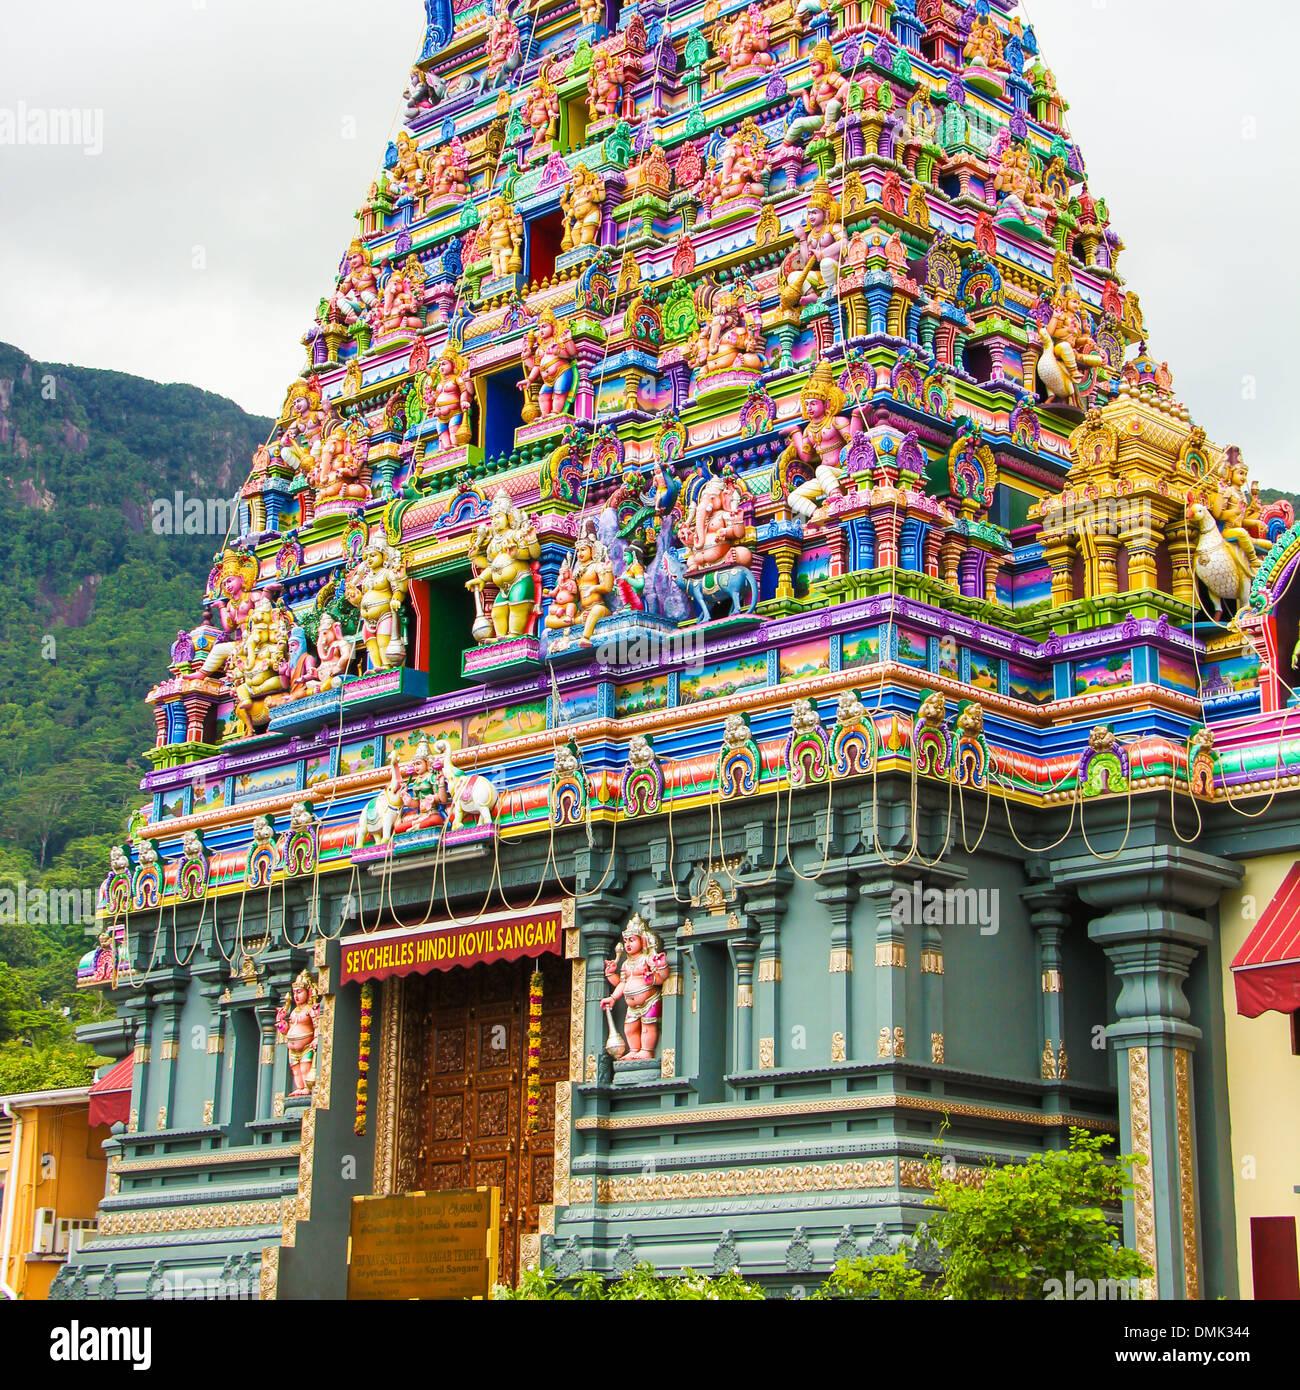 Church In Seychelles Stock Photos & Church In Seychelles